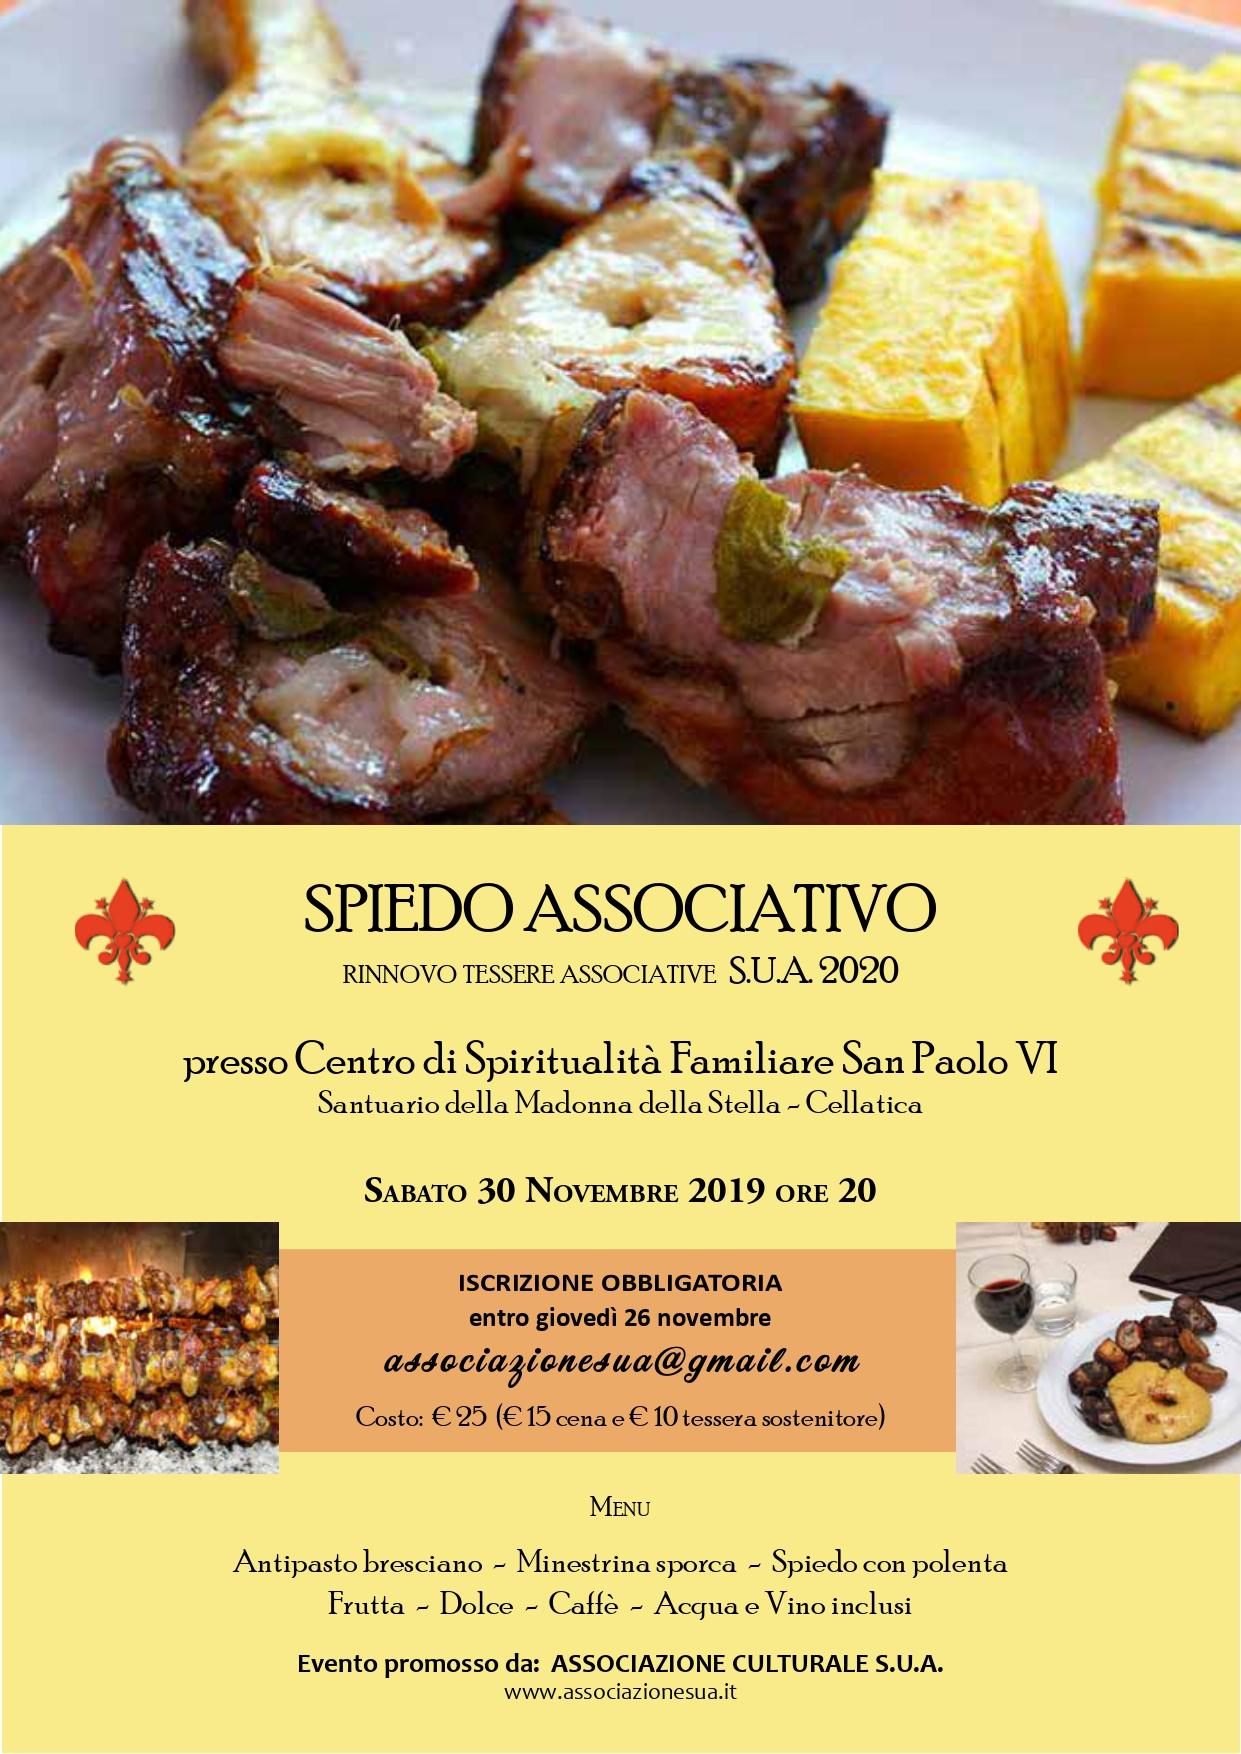 SPIEDO ASSOCIATIVO - SABATO 30 NOVEMBRE_page-0001